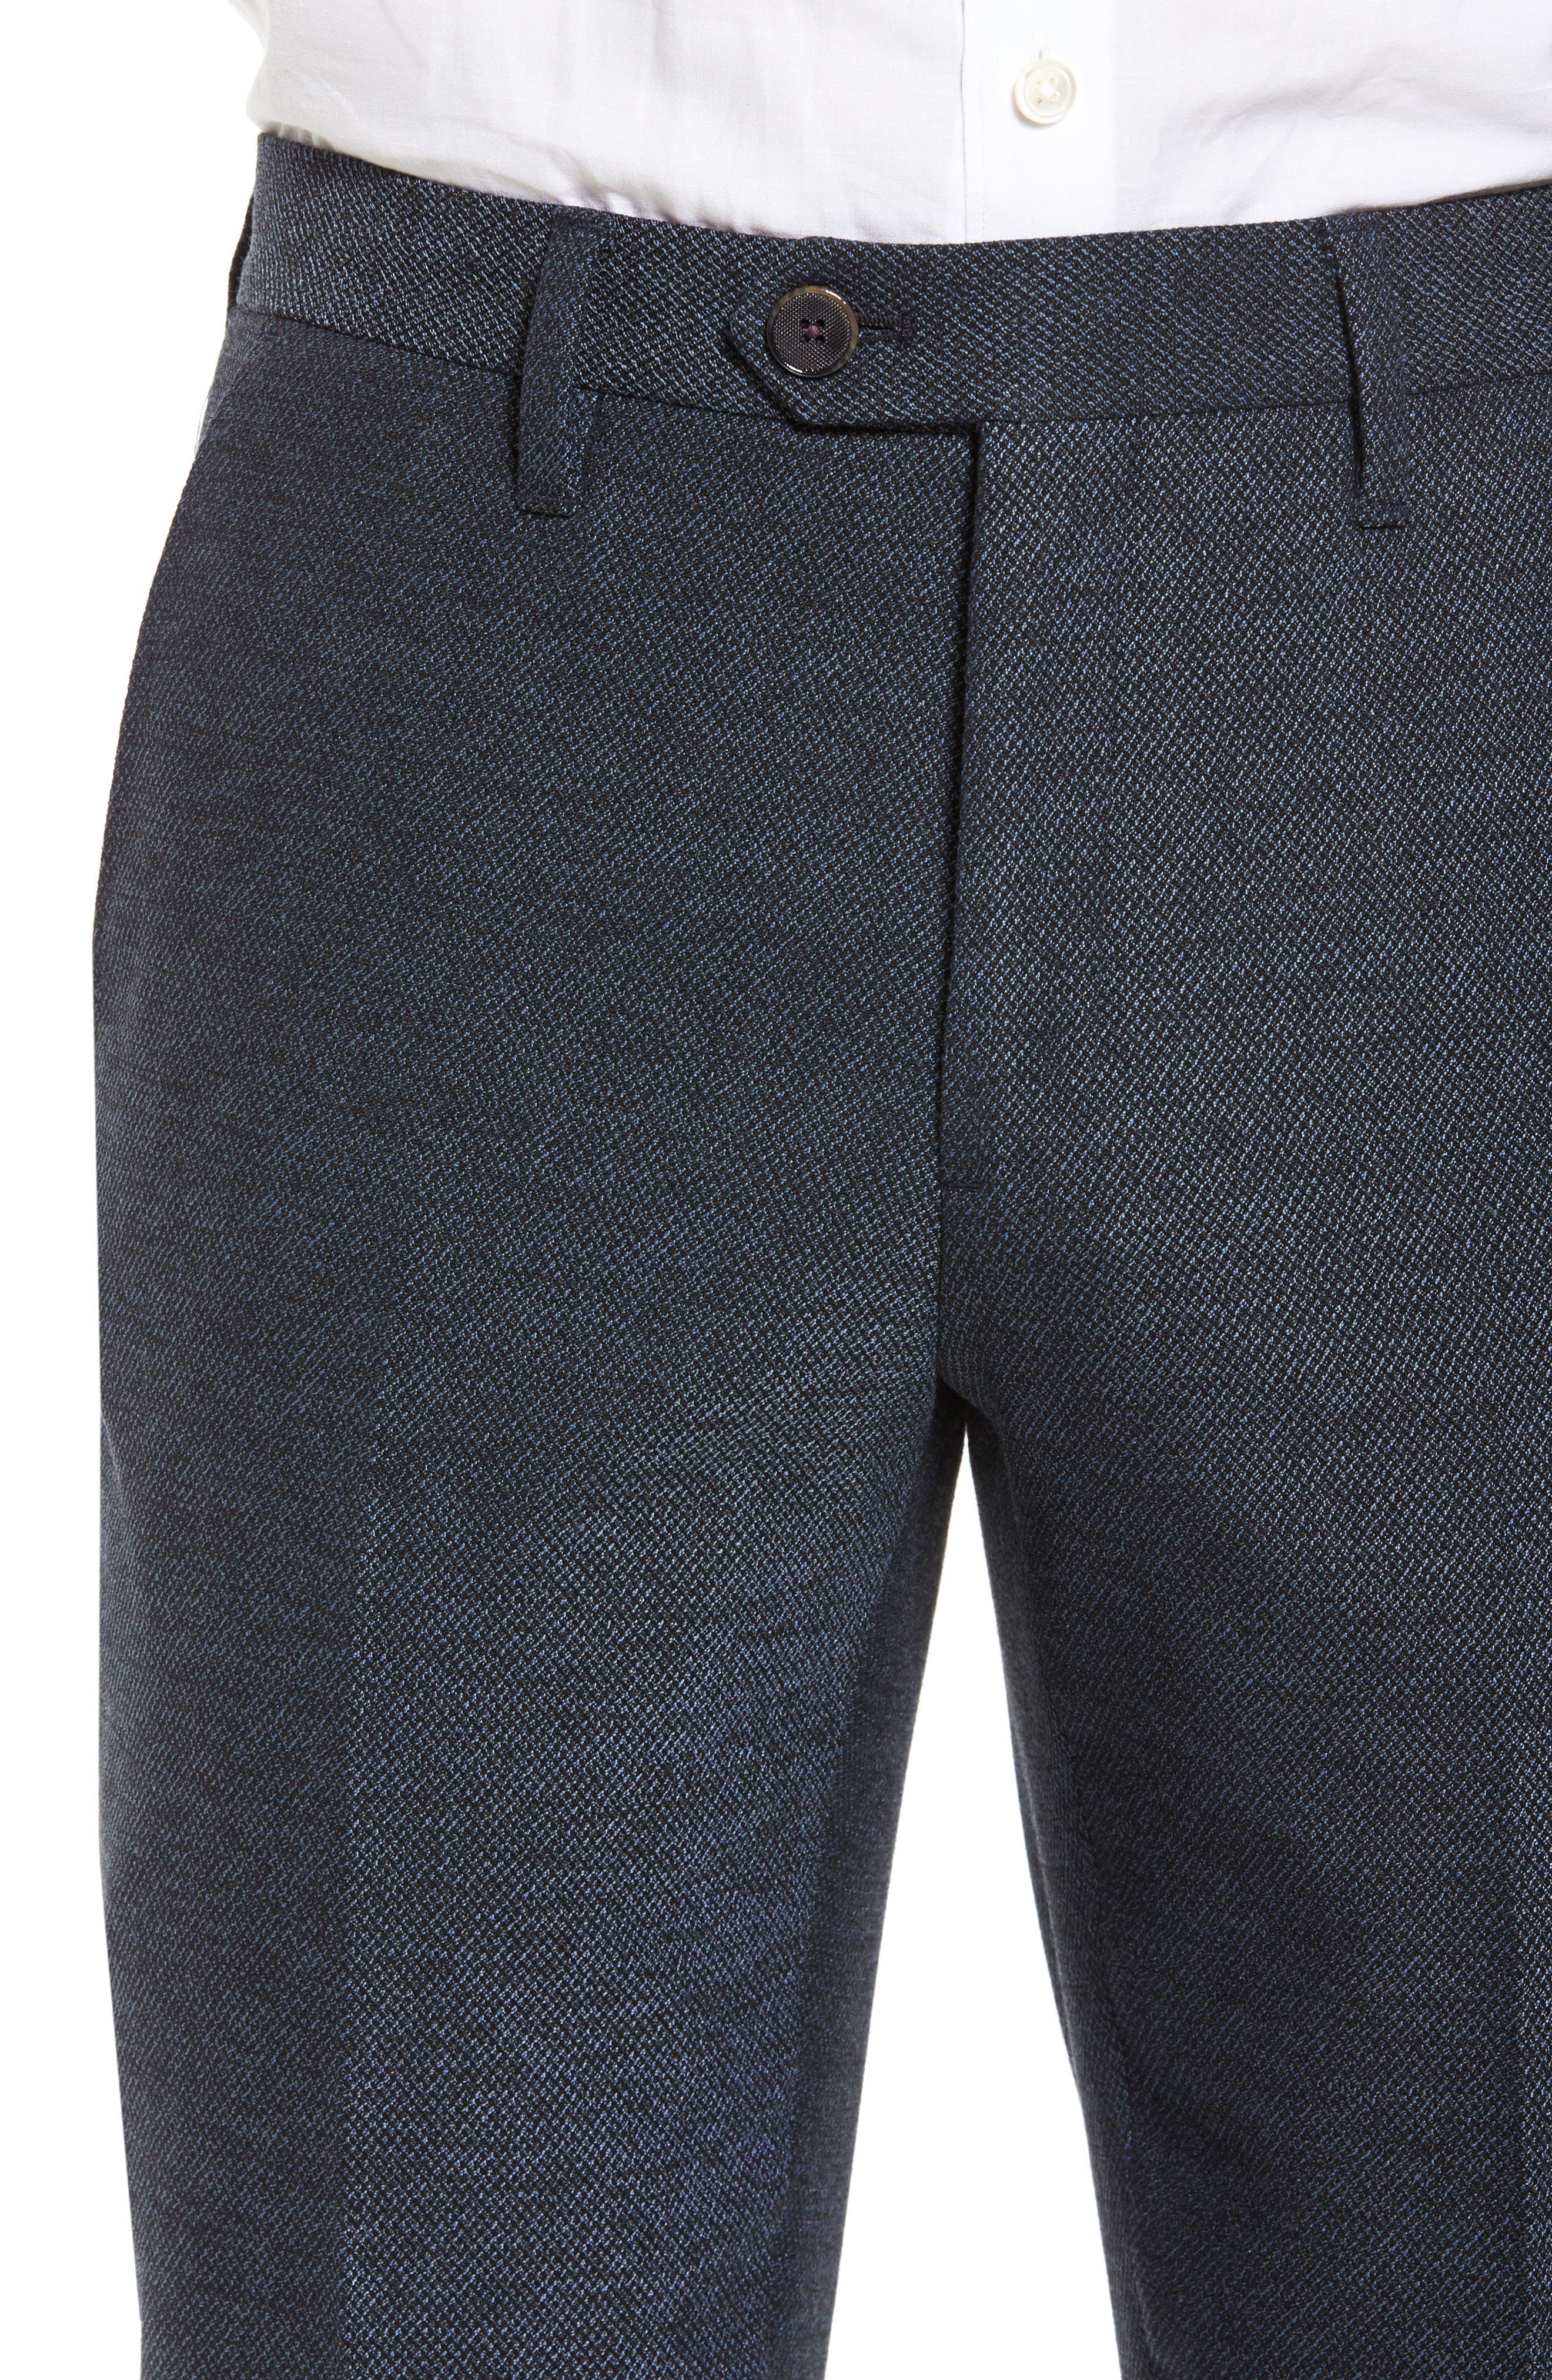 Alternate Image 4  - Ted Baker London Porttro Modern Slim Fit Trousers